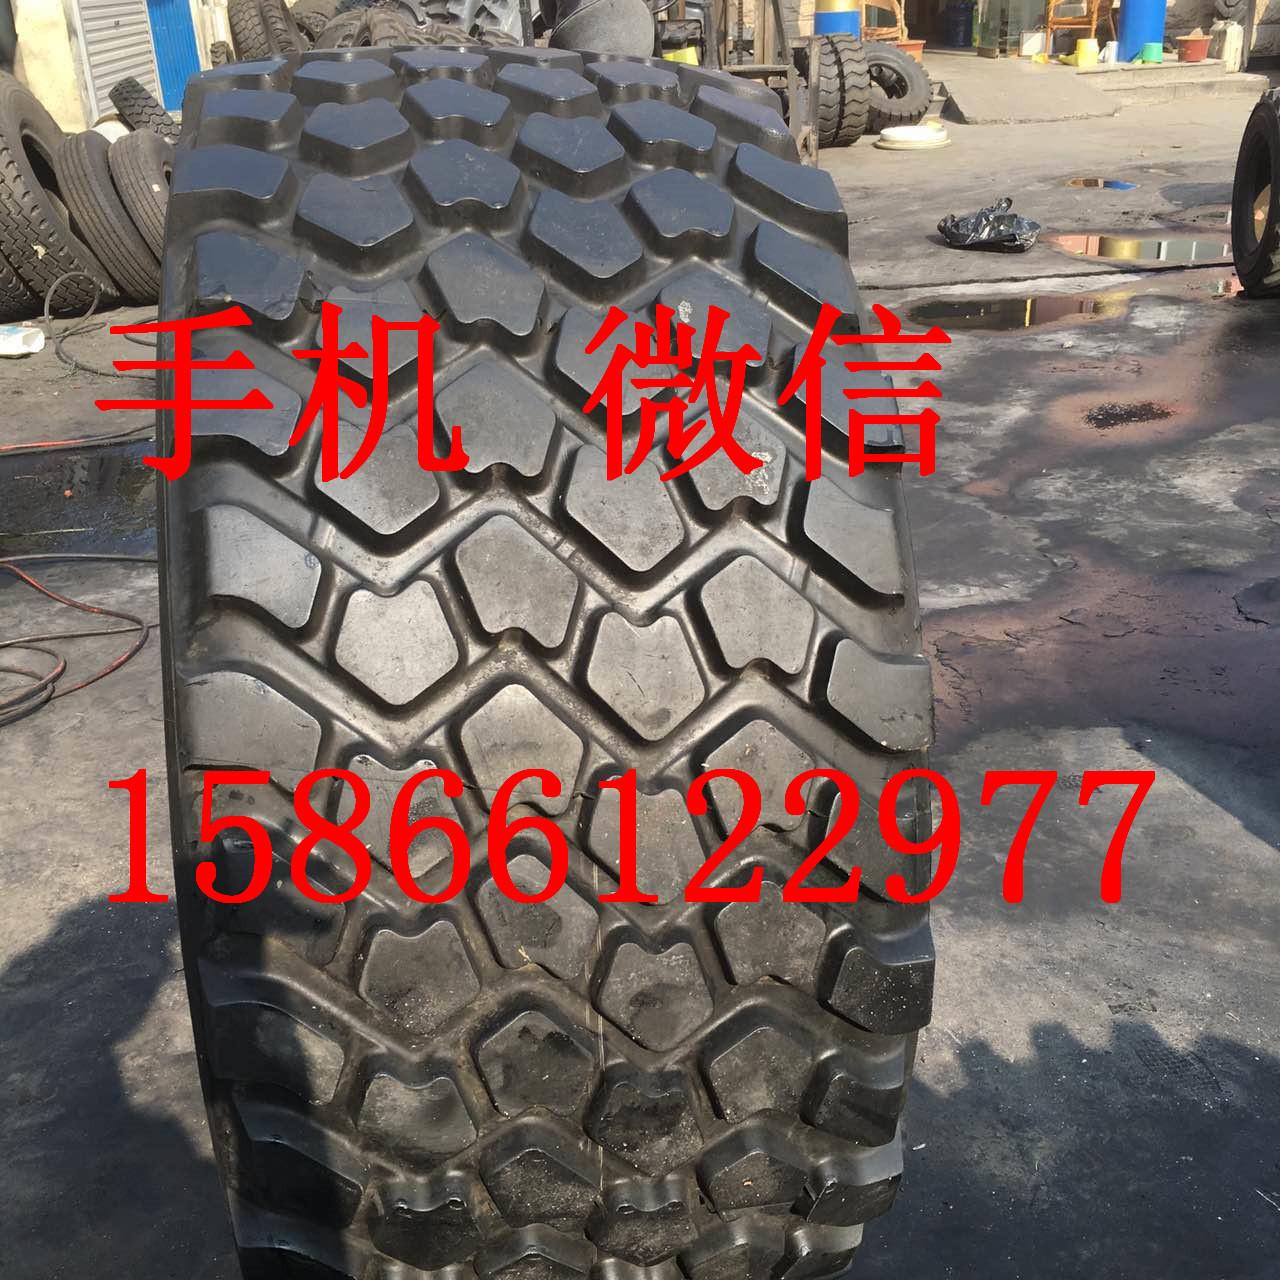 越野轮胎24 21 425/85 21米其林真空越野车轮胎俄罗斯进口车